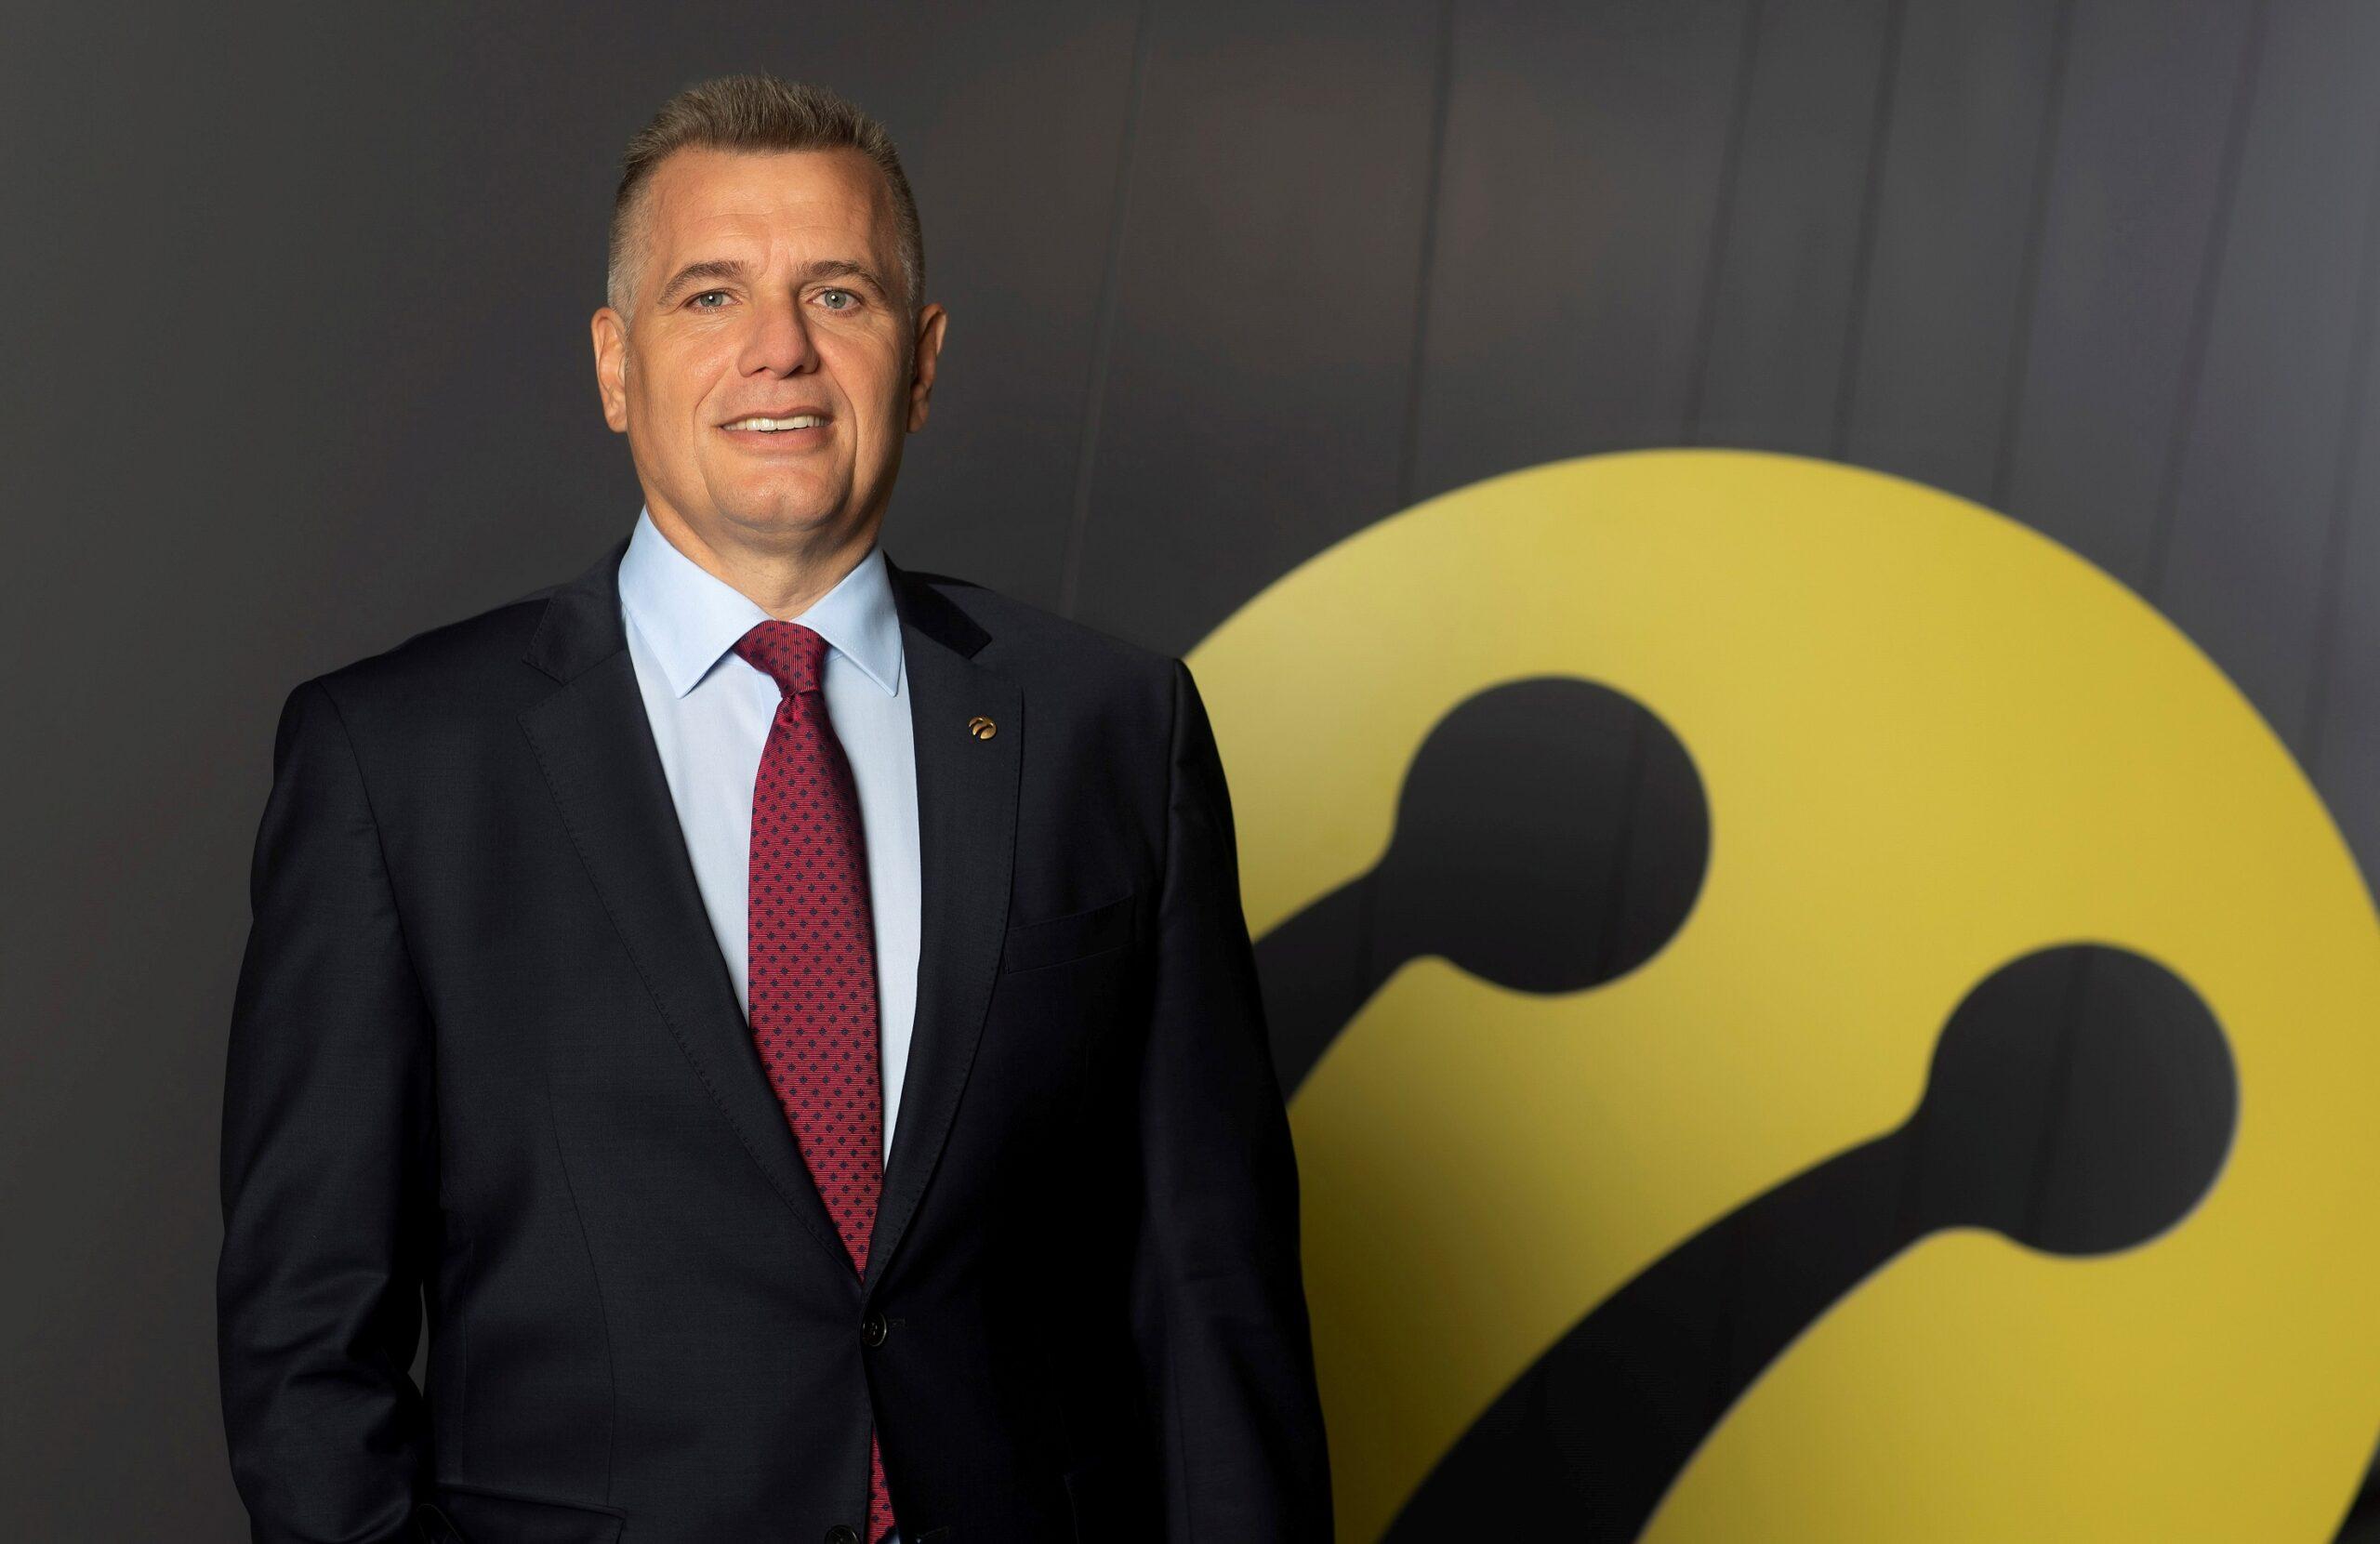 Türkiye'nin patentleri Turkcell'in veri merkezine emanet